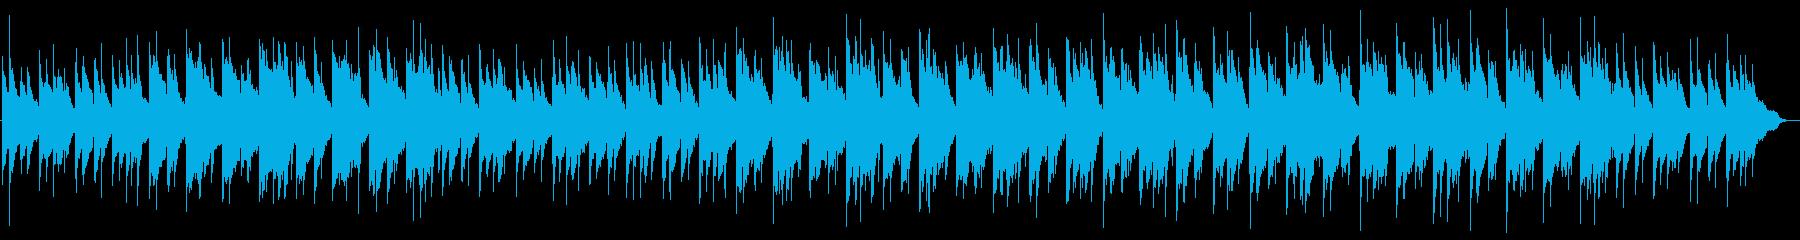 メトロノームをイメージしたBGMの再生済みの波形